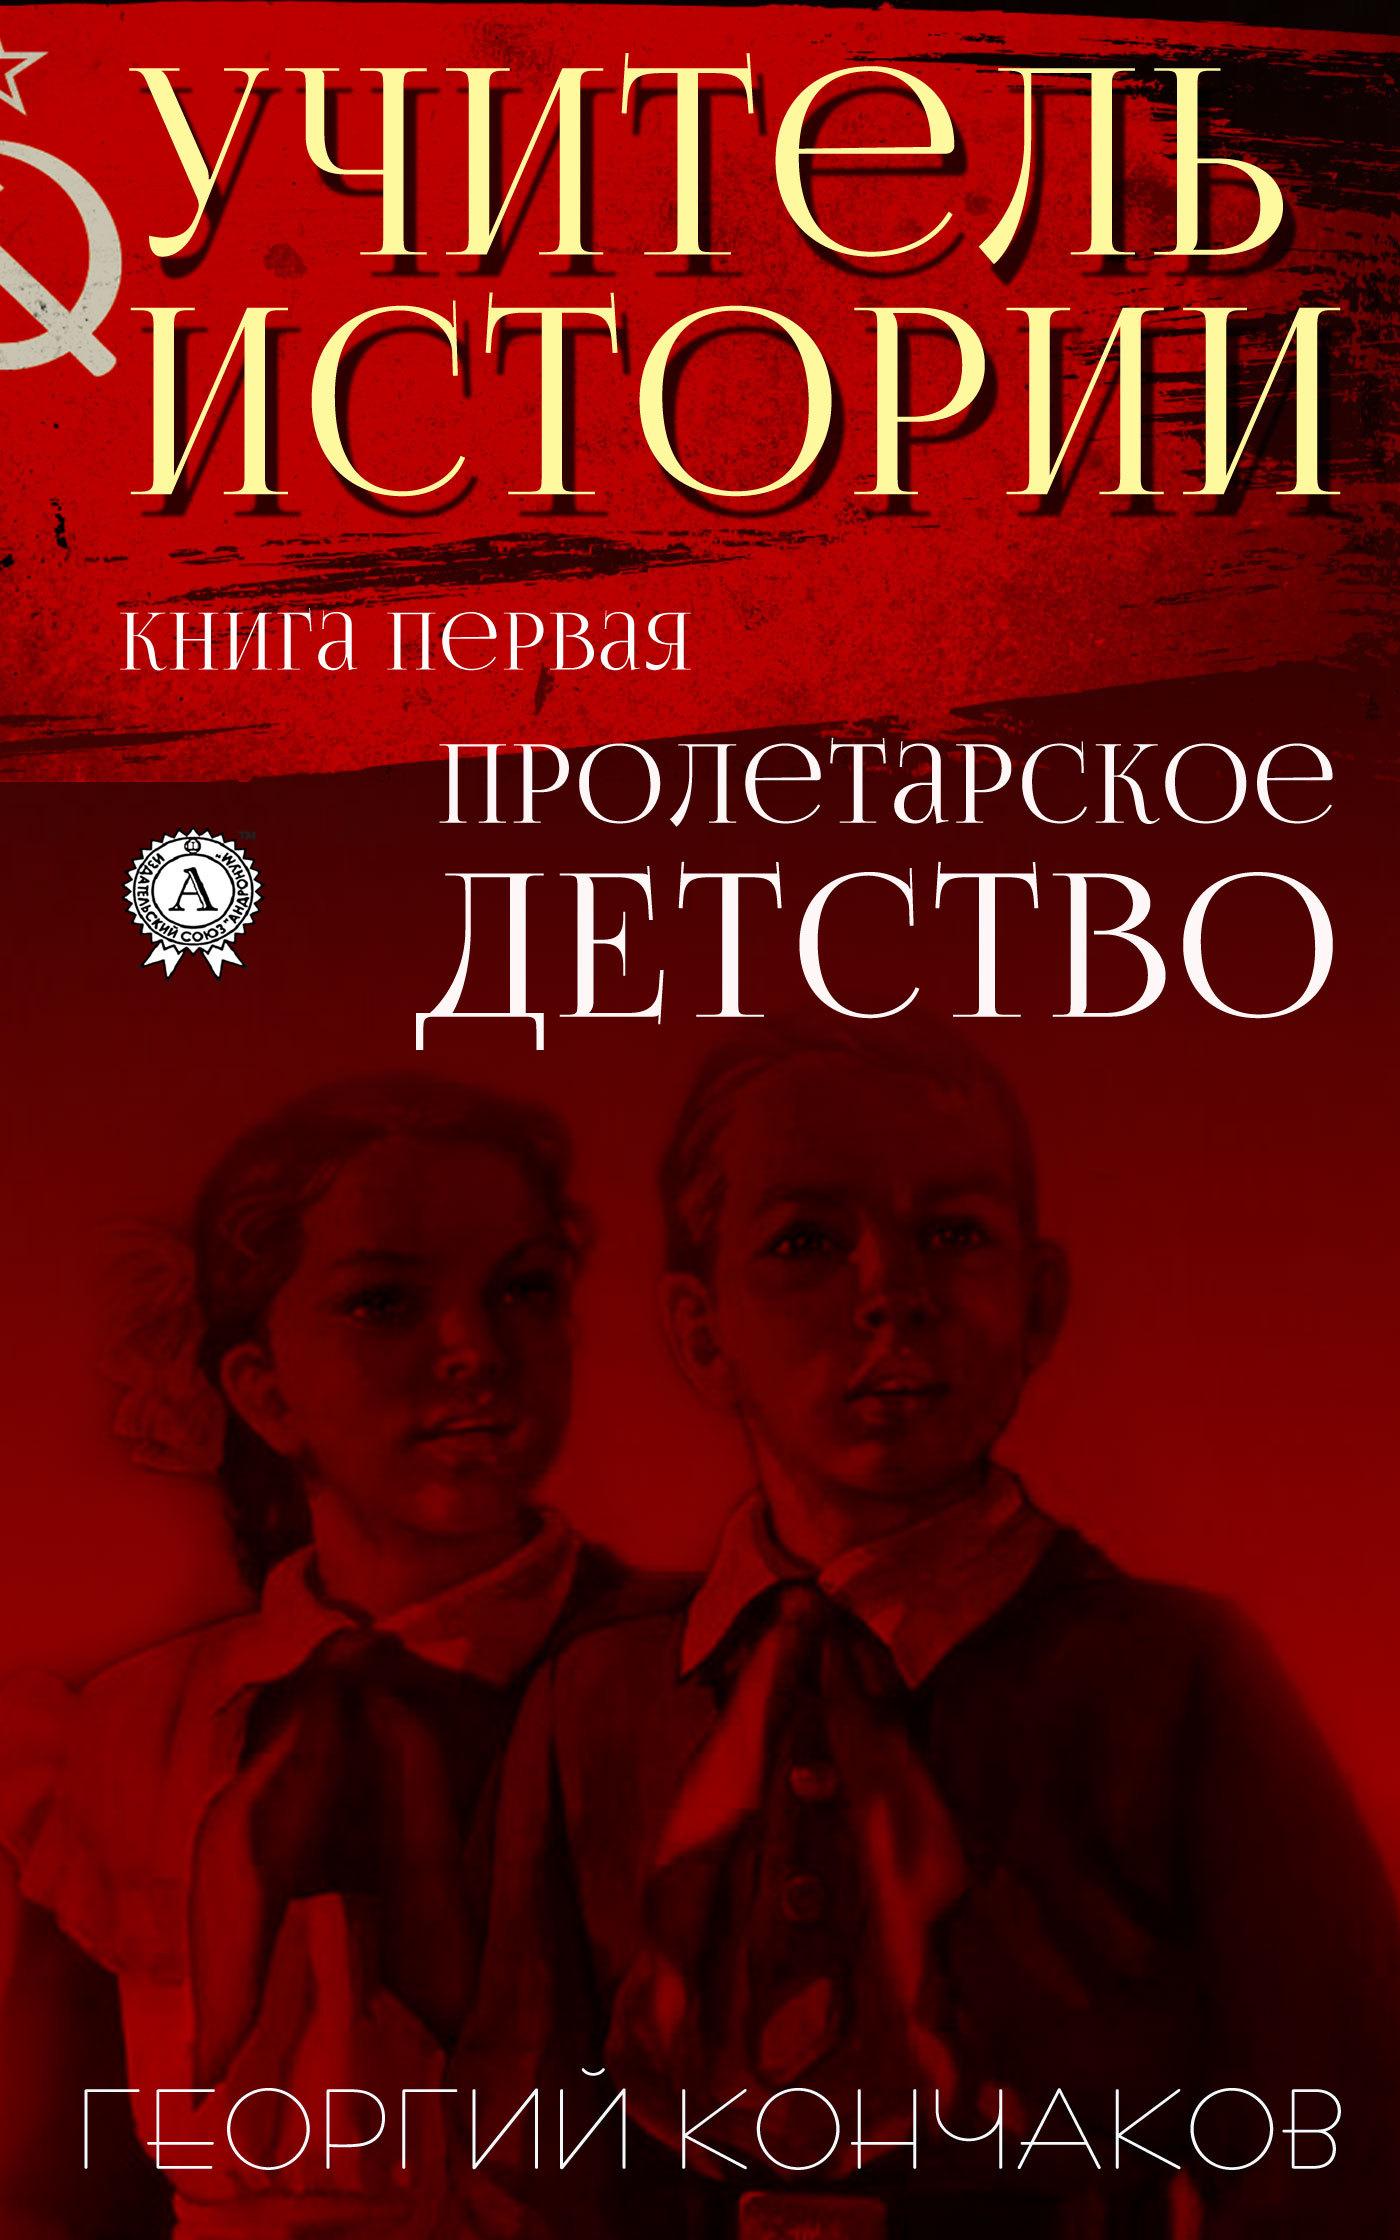 Учитель истории. Книга первая.Пролетарское детство